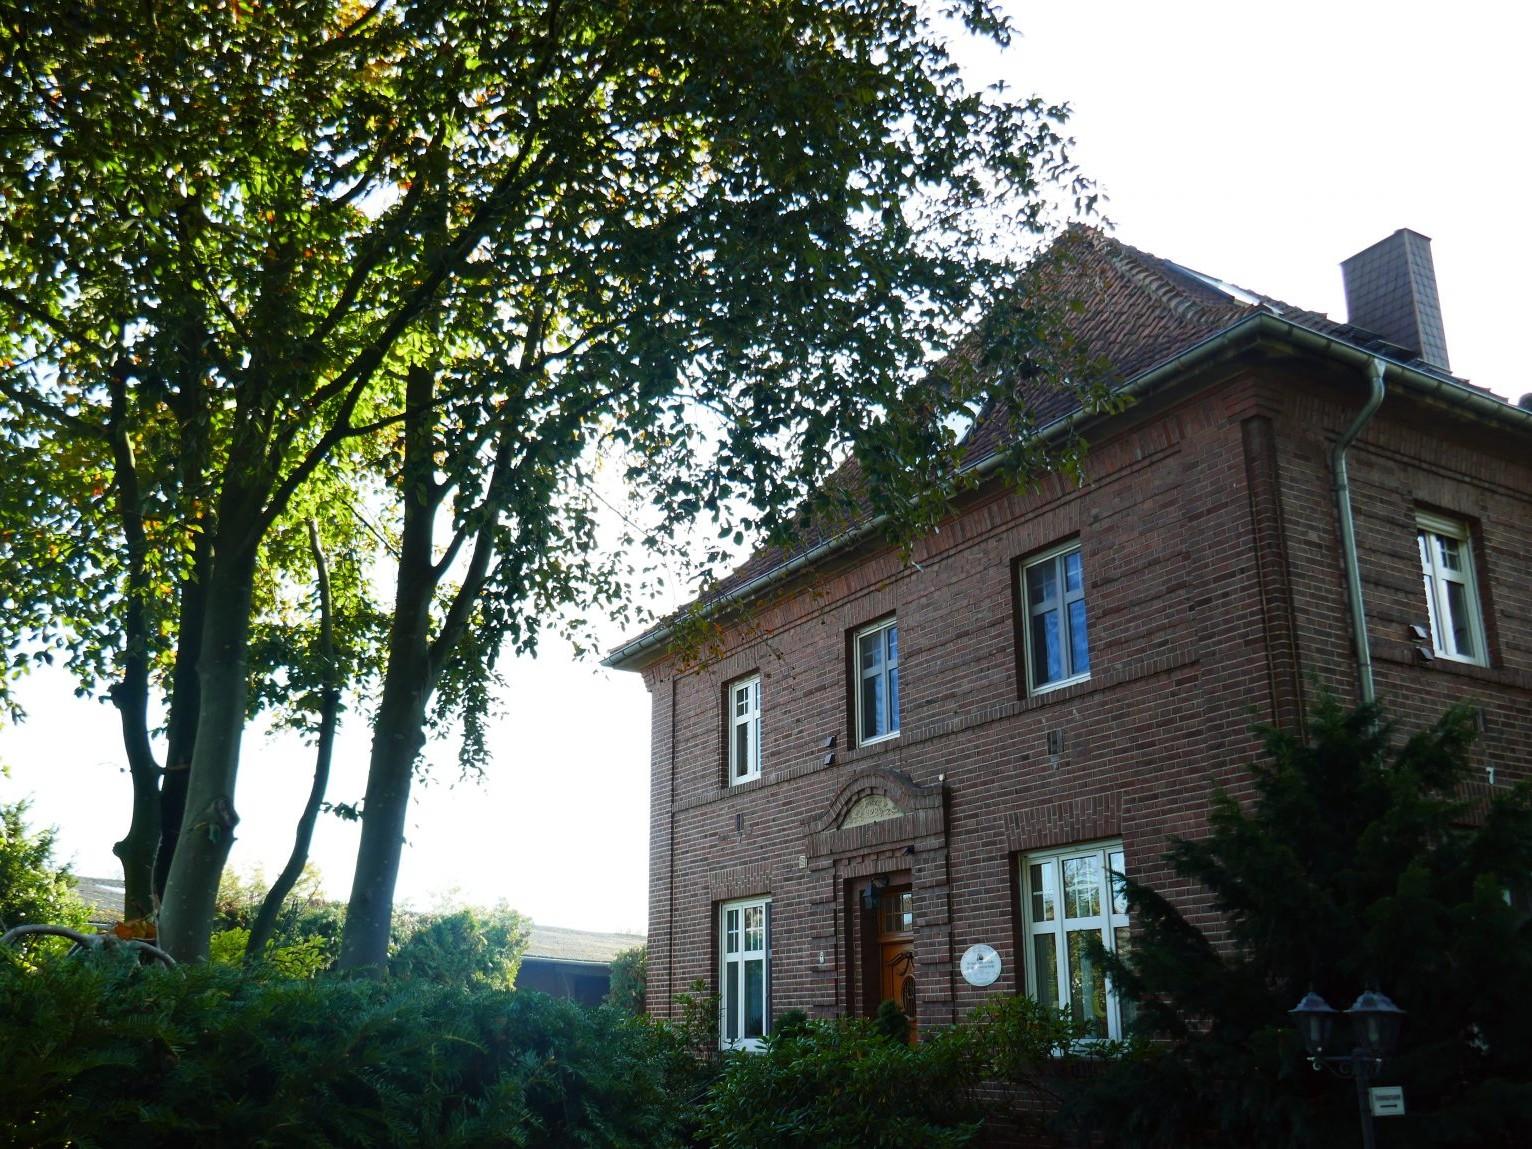 Münster-Sprakel: Wohnvilla von 1928 - Foto: Stefan Rethfeld